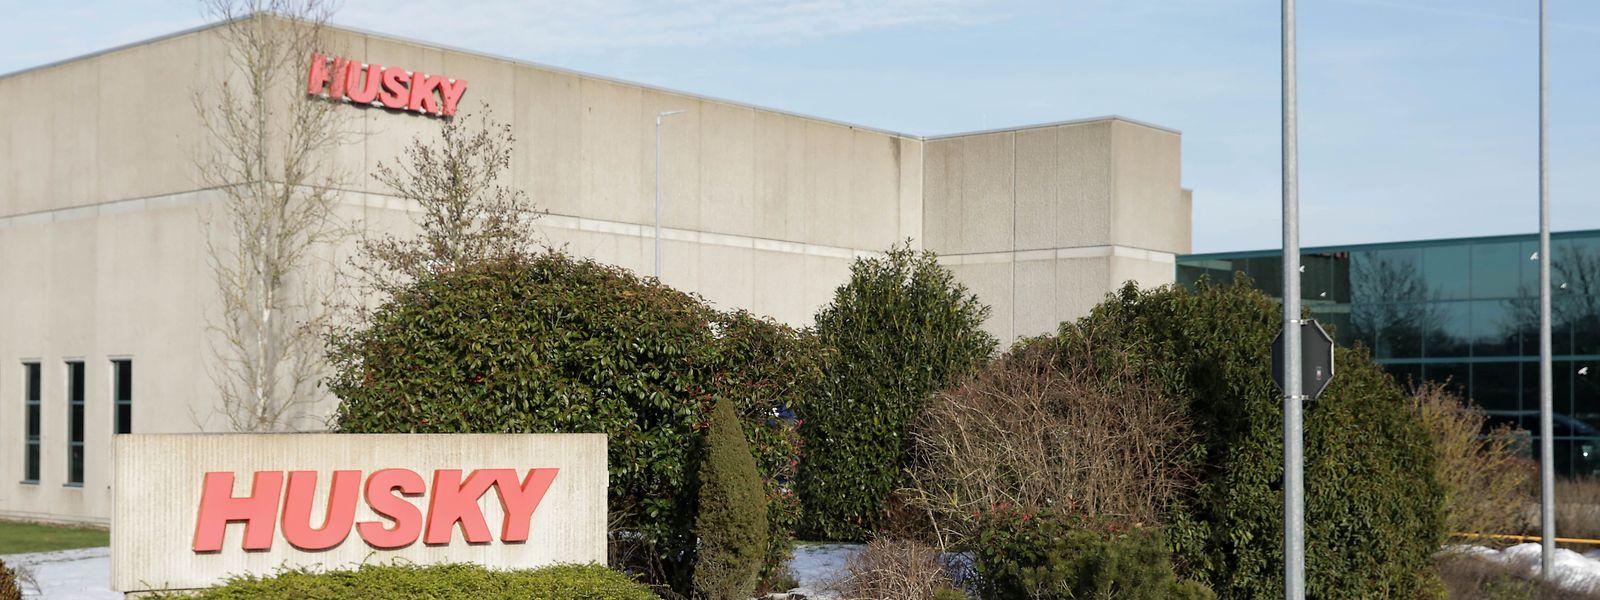 Das kanadische Unternehmen Husky hat sich vor 30 Jahren in Düdelingen niedergelassen.